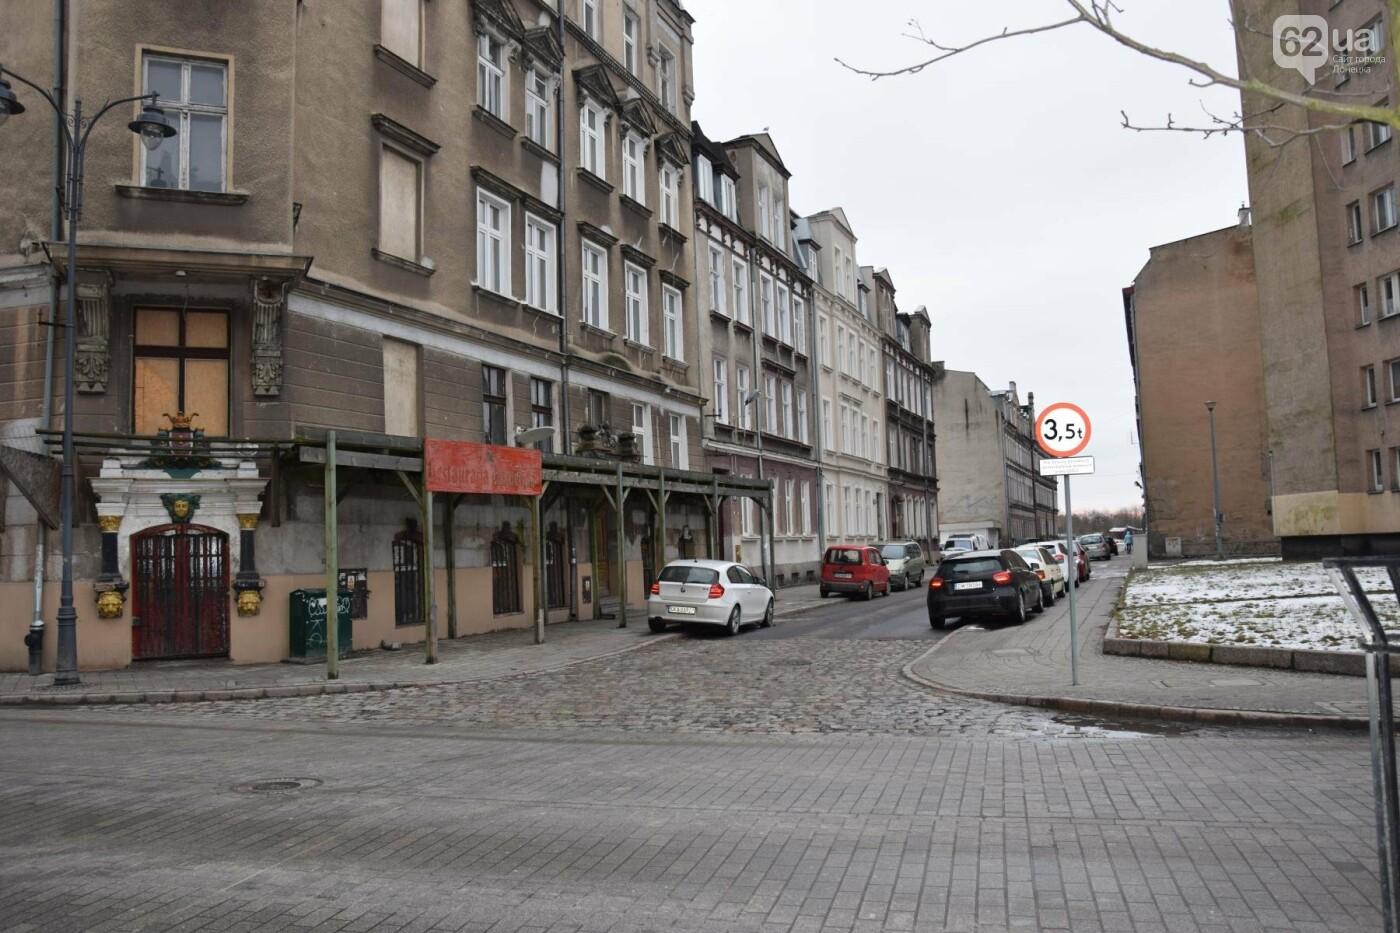 Ревитализация по-гданьски: что можно сделать с Верхними Аджахами, и какой могла бы стать ул. Торговая в Мариуполе, фото-7